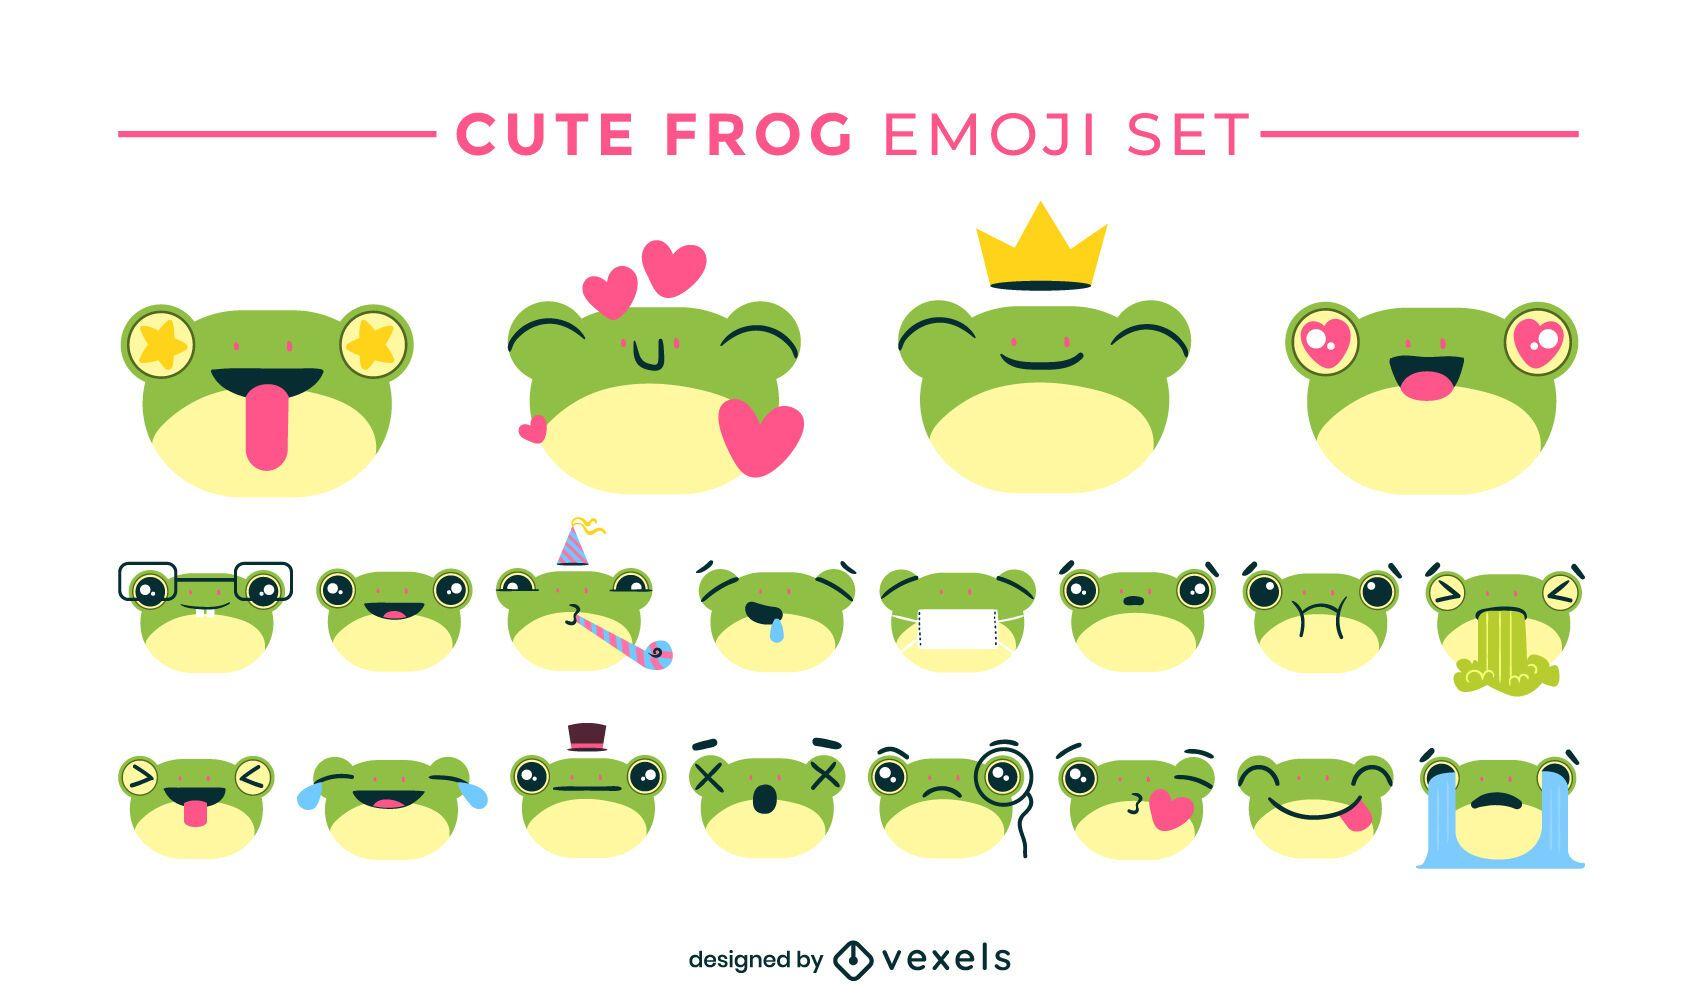 Diseño de conjunto de emoji de rana linda